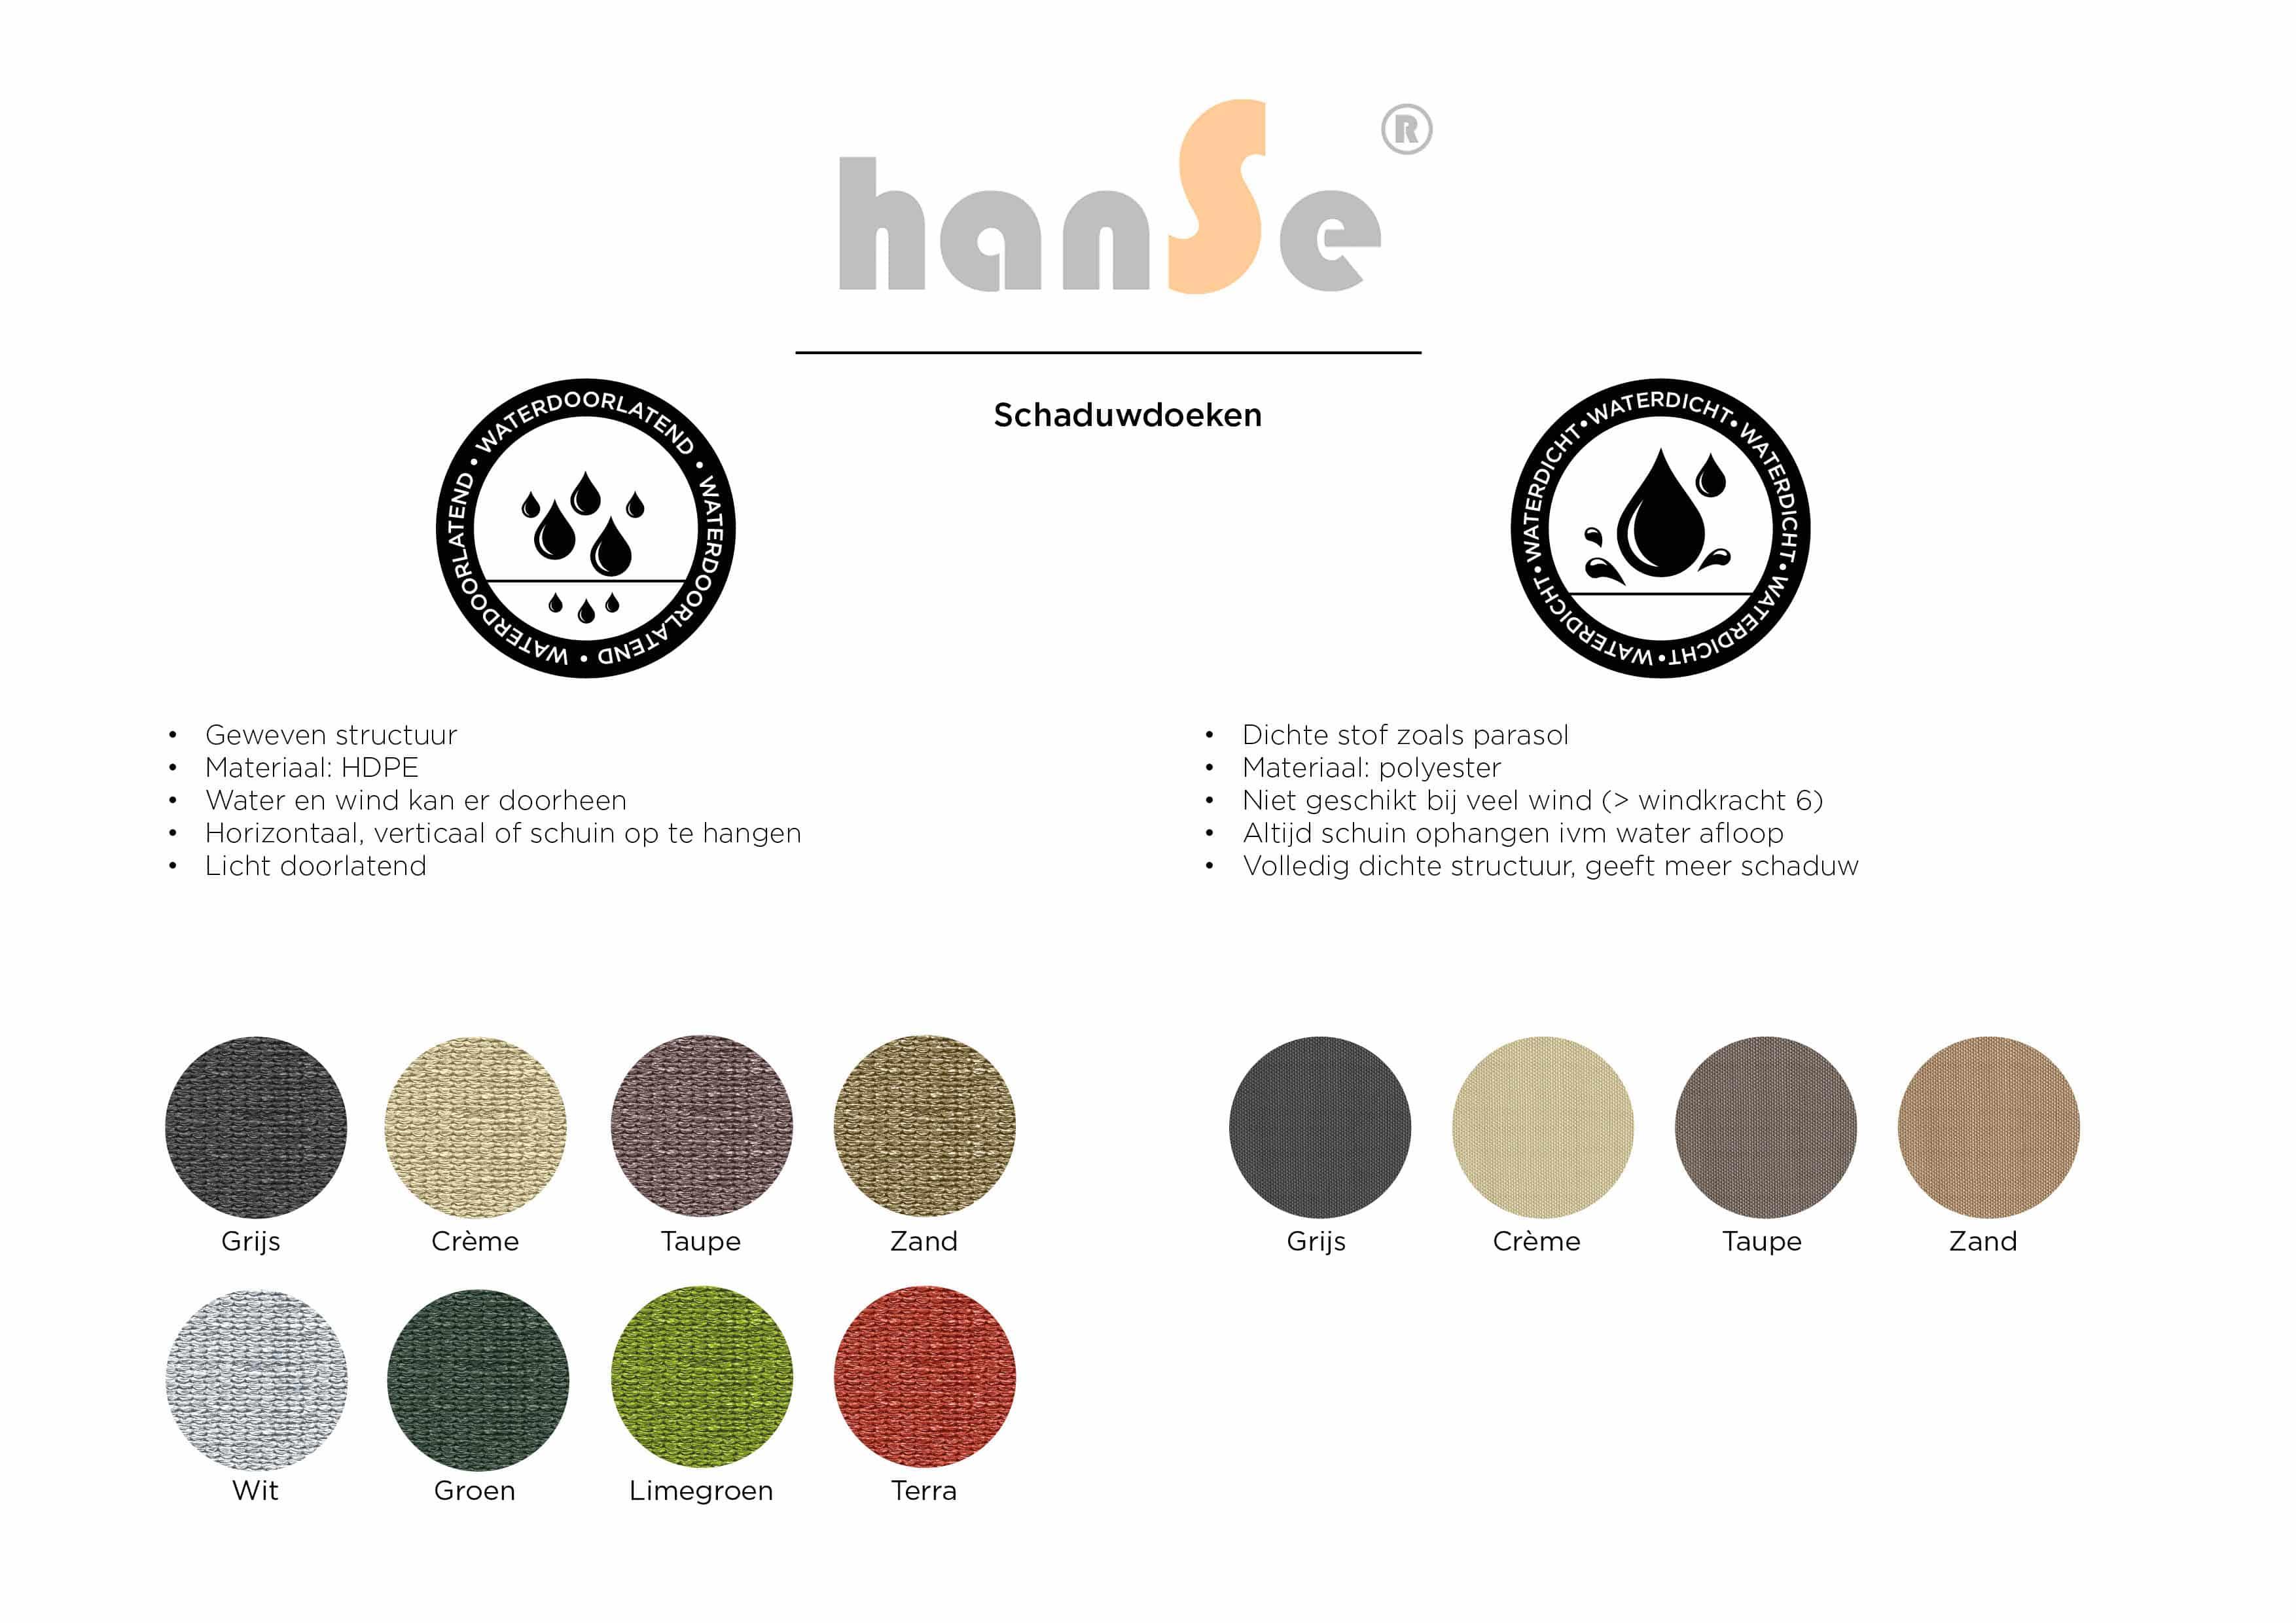 hanSe® Schaduwdoek Driehoek Waterdoorlatend 3x3x3 m - zonnedoek - Wit